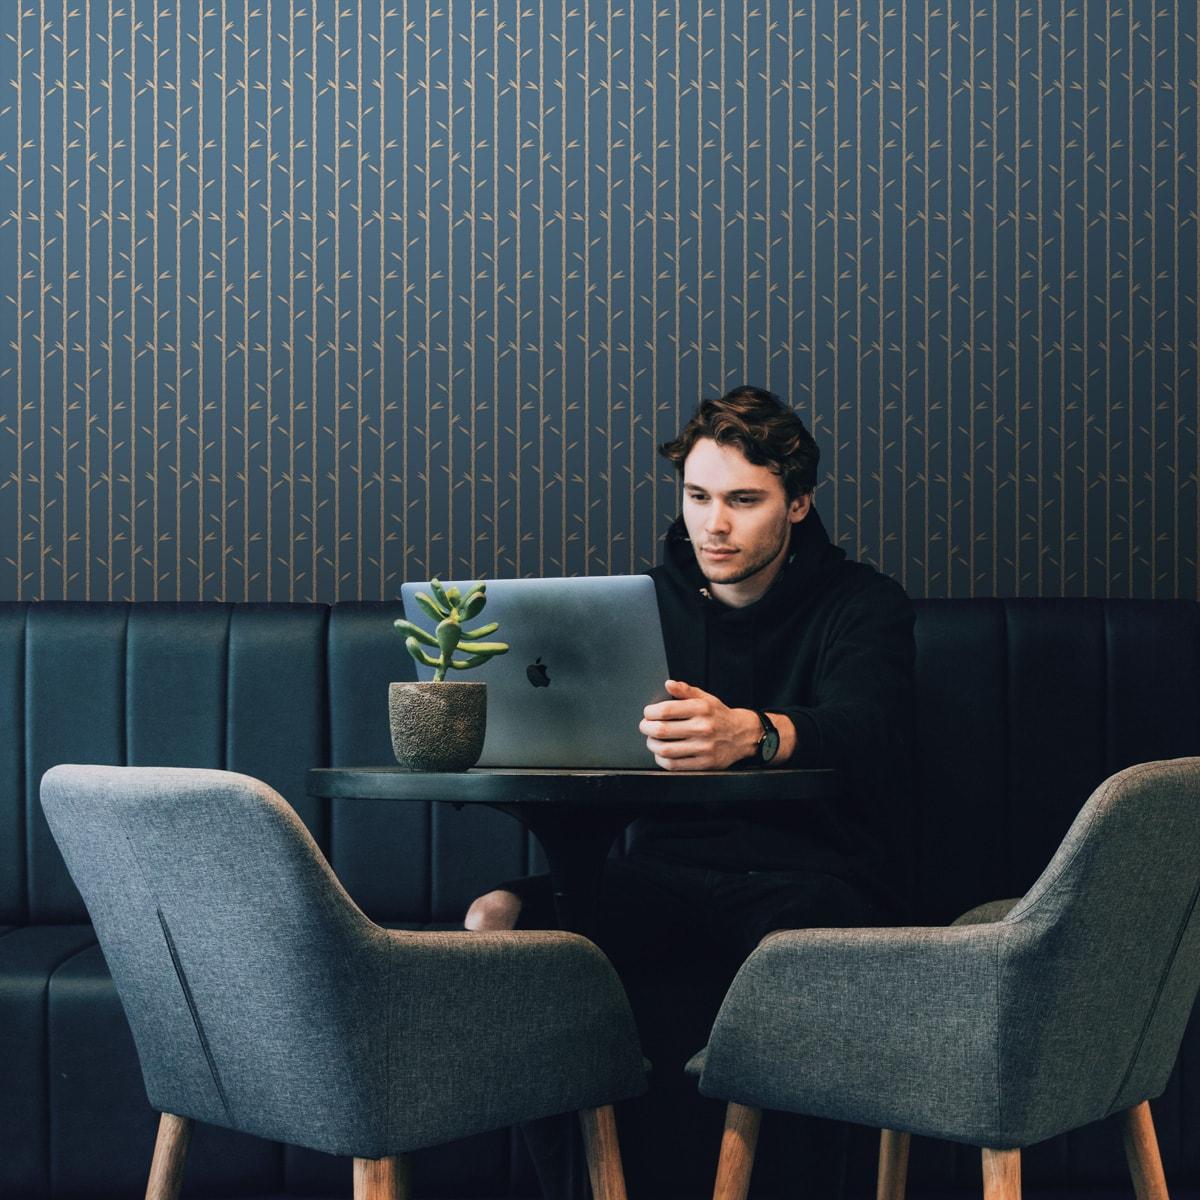 """Tapete für Büroräume mittelblau: Bambus Tapete """"Bamboo Garden"""", blau beige, grafische Blumentapete für Flur, Büro"""